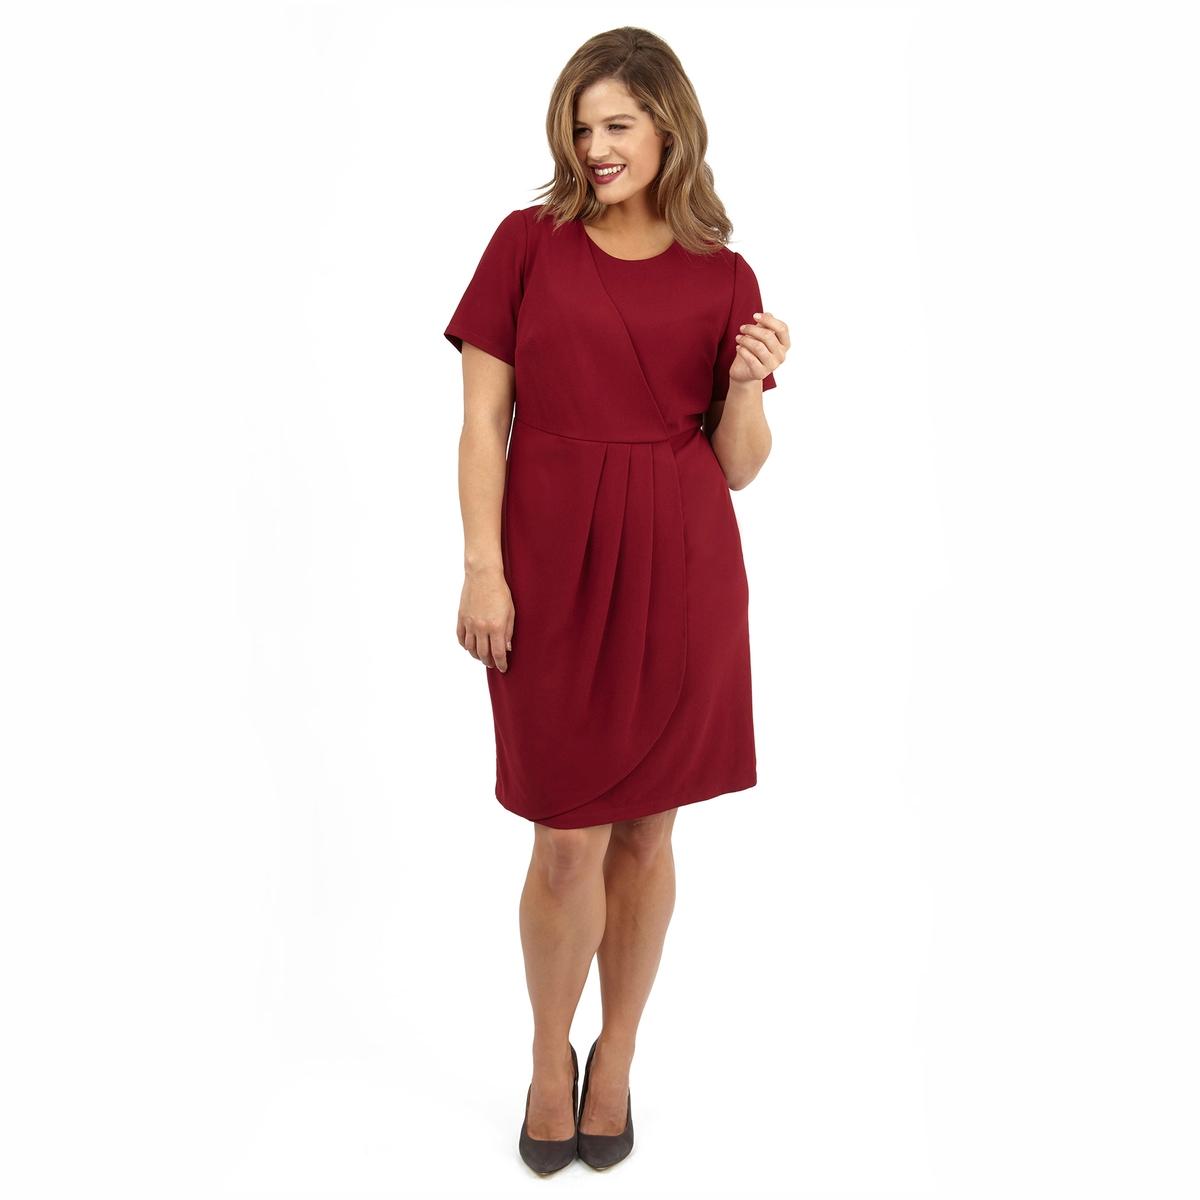 ПлатьеПлатье с короткими рукавами LOVEDROBE. 100% полиэстер.<br><br>Цвет: бордовый<br>Размер: 54/56 (FR) - 60/62 (RUS).50/52 (FR) - 56/58 (RUS)